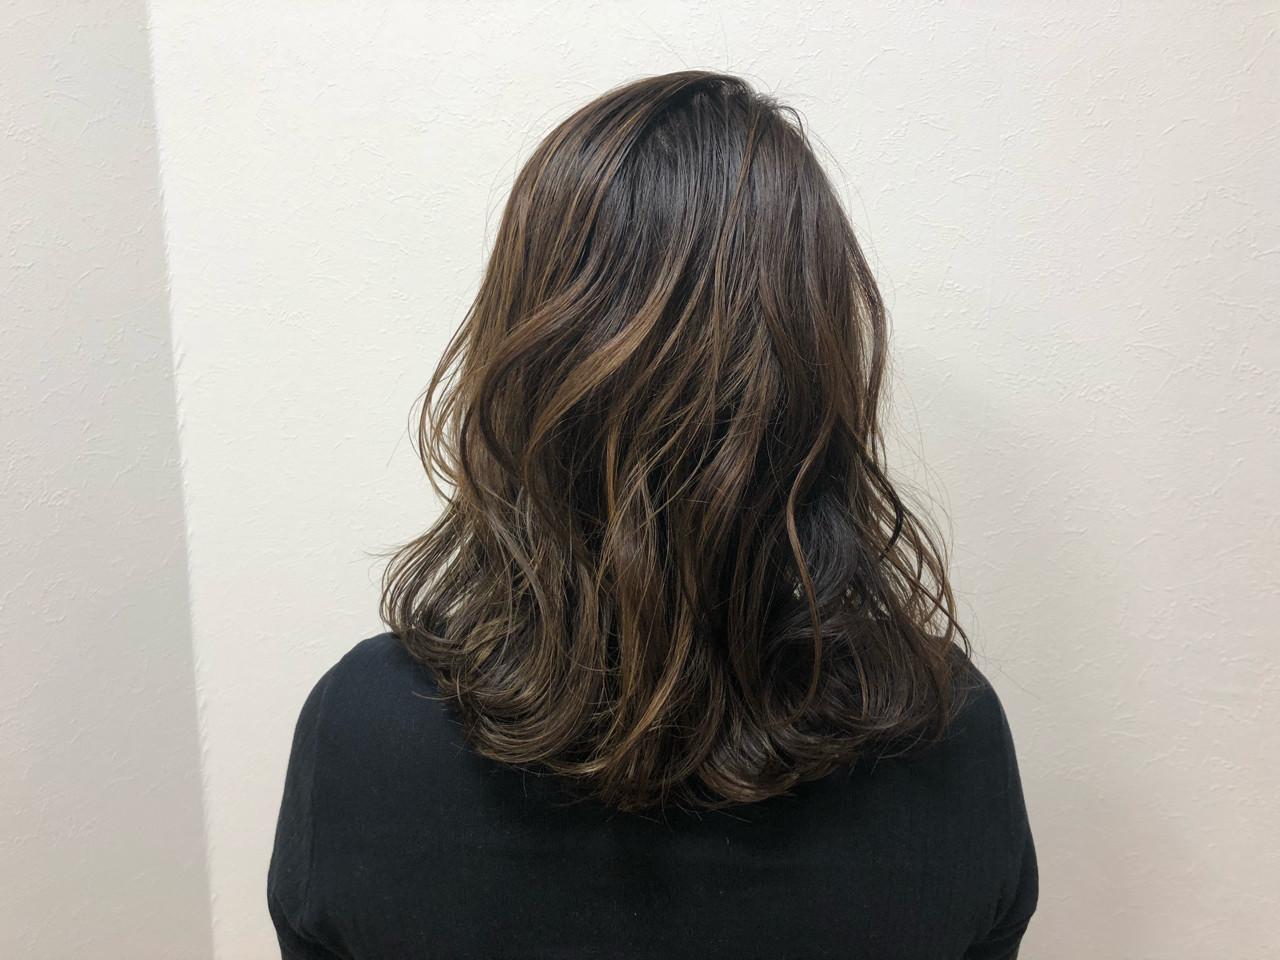 外国人風 ナチュラル セミロング ハイライト ヘアスタイルや髪型の写真・画像 | 宇渡 裕一 / Lillie hair&spa